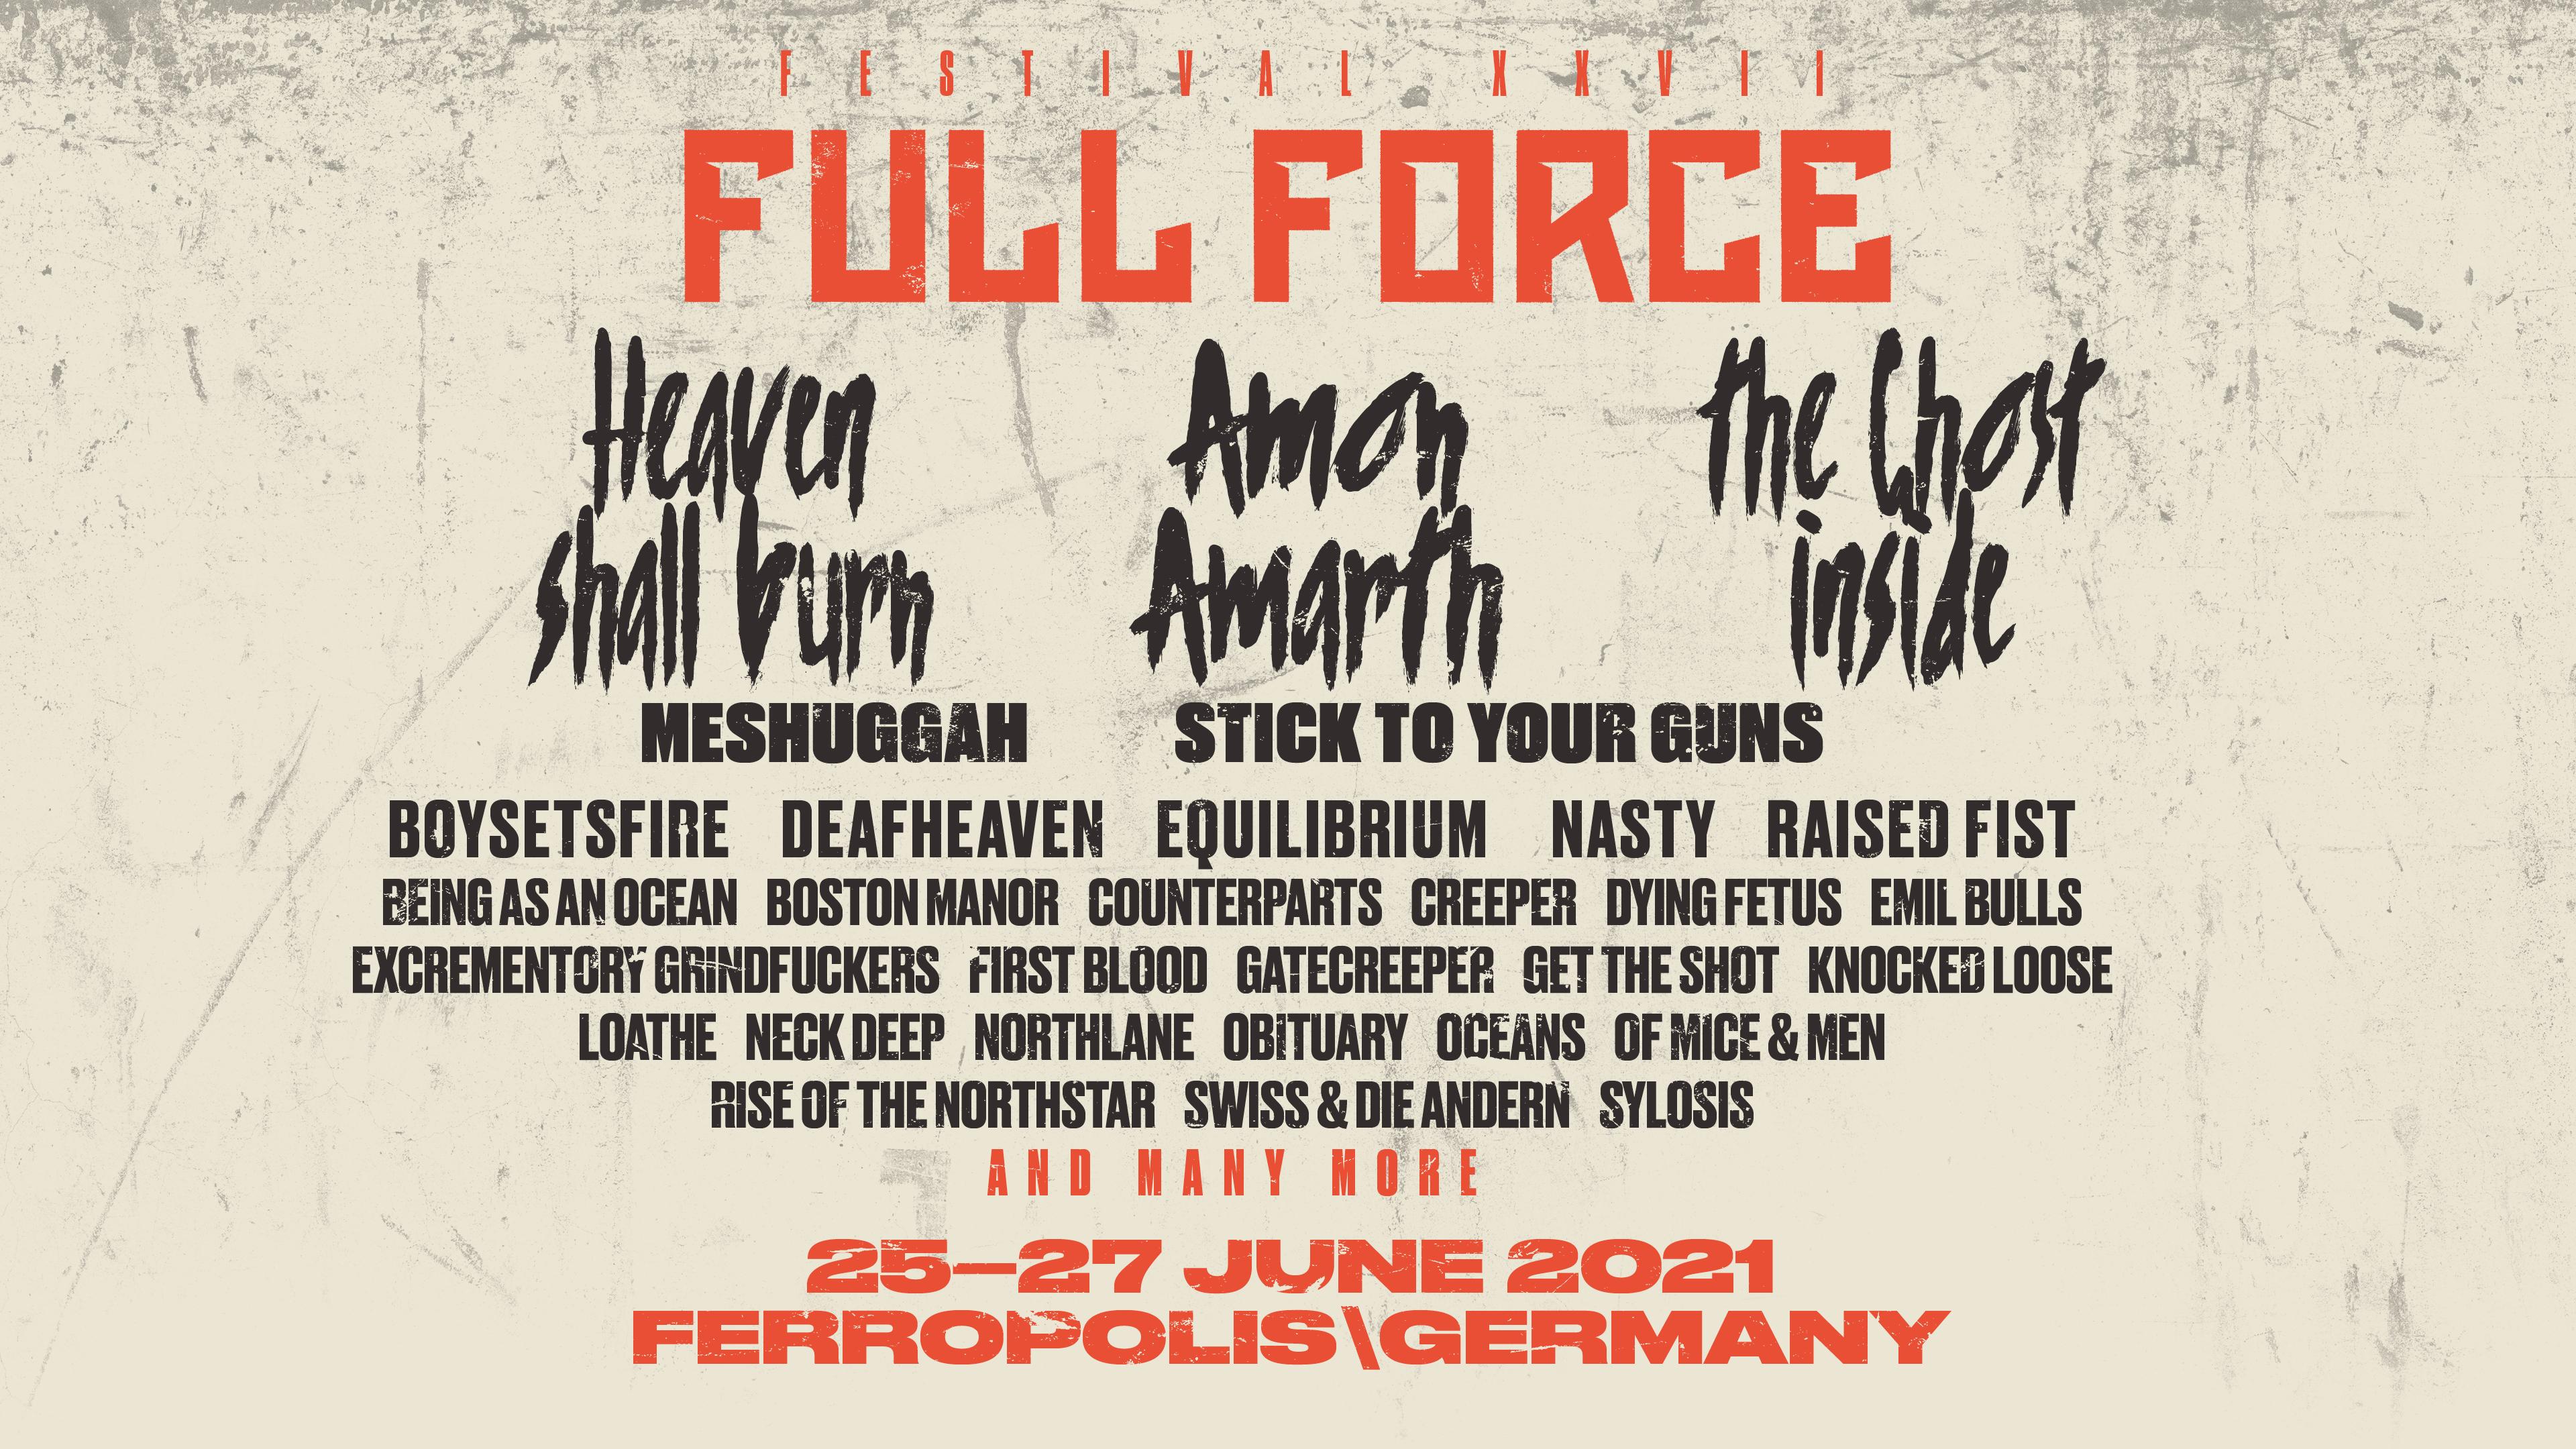 Full Force 2021